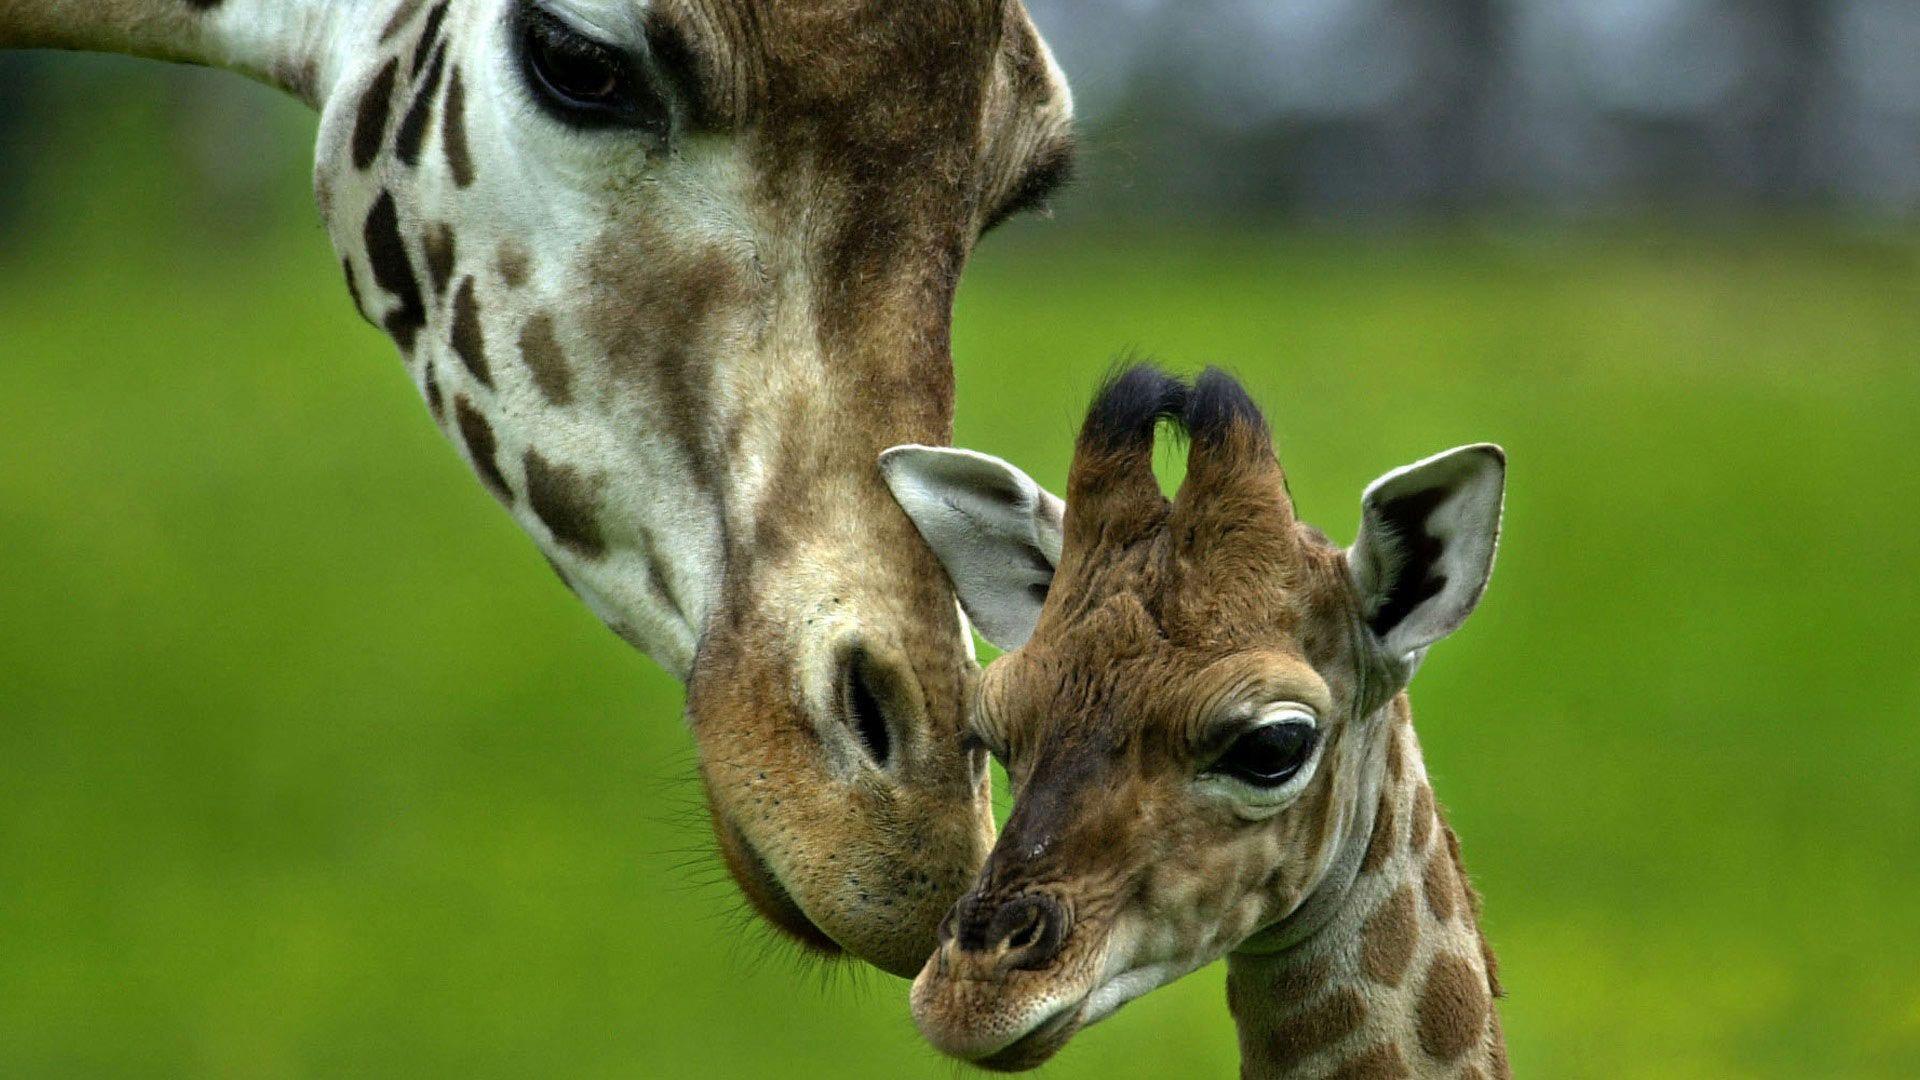 Giraffe Desktop Backgrounds - Wallpaper Cave